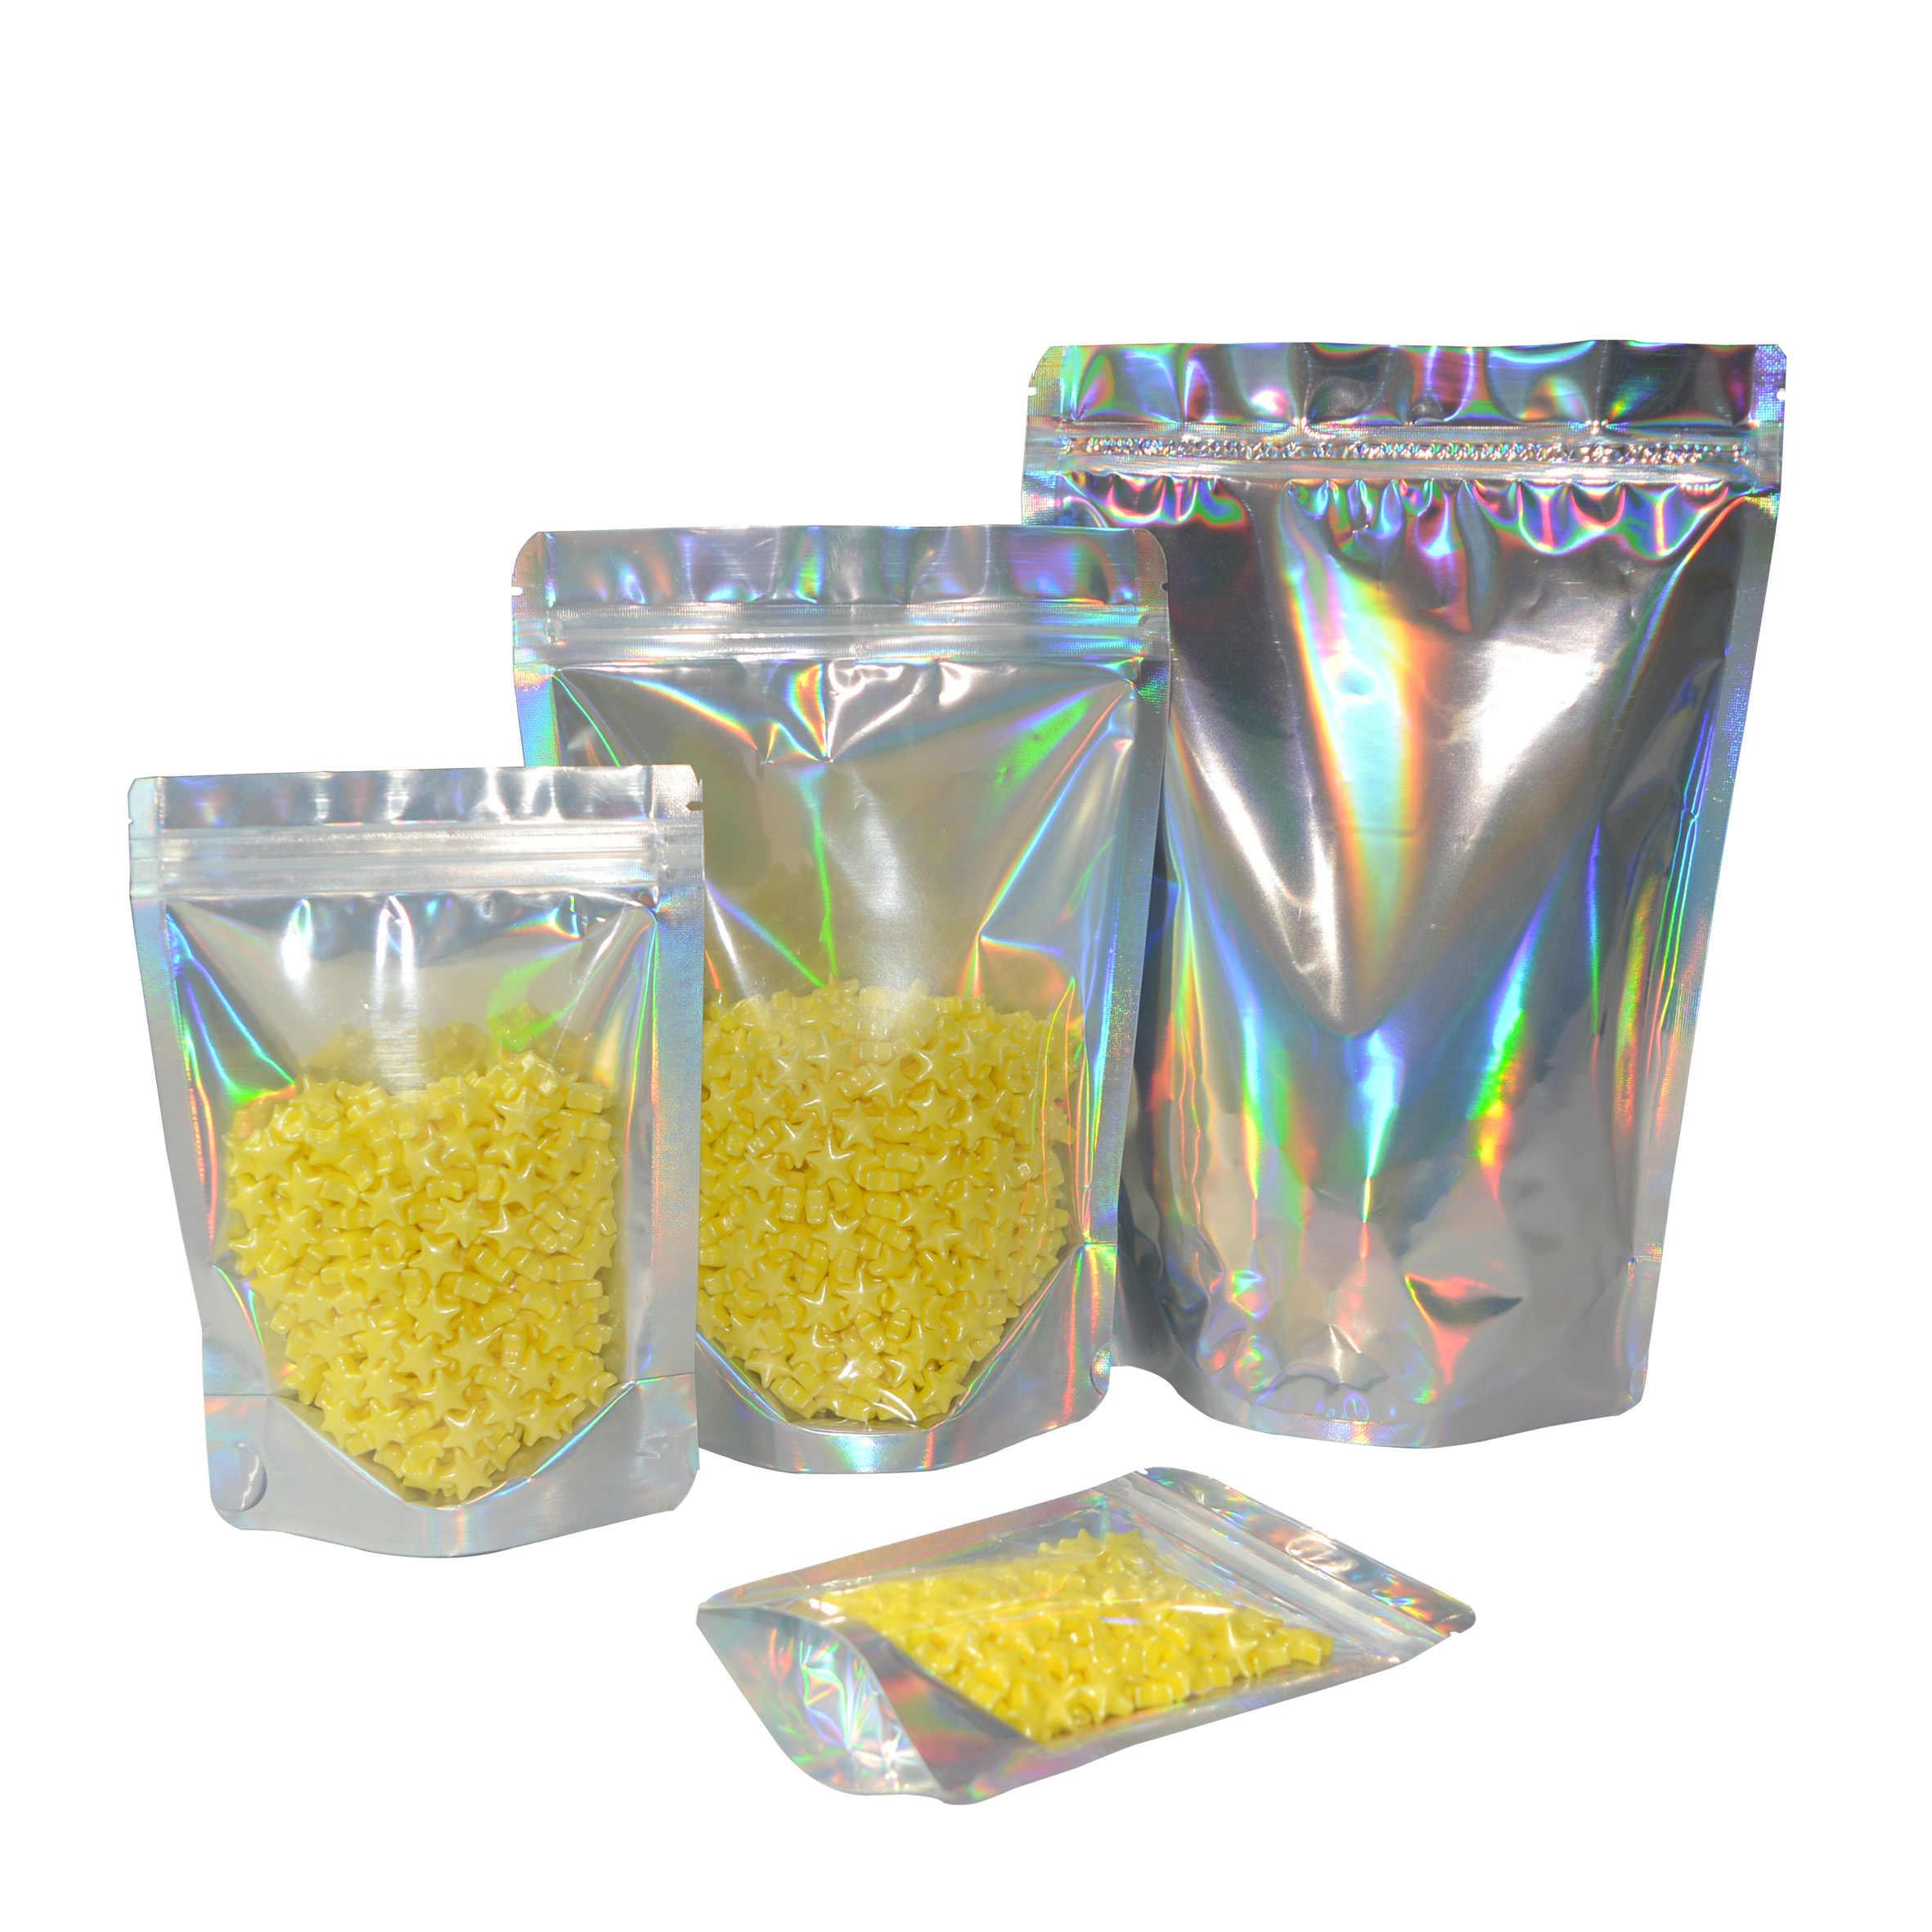 100 Pcs Zip serratura Sacchetto di Plastica Foglio di Alluminio Ologramma Cibo Mylar Sacchetto Odore Prova Dell'acqua Della Chiusura Lampo Richiudibile Borse Multiuso